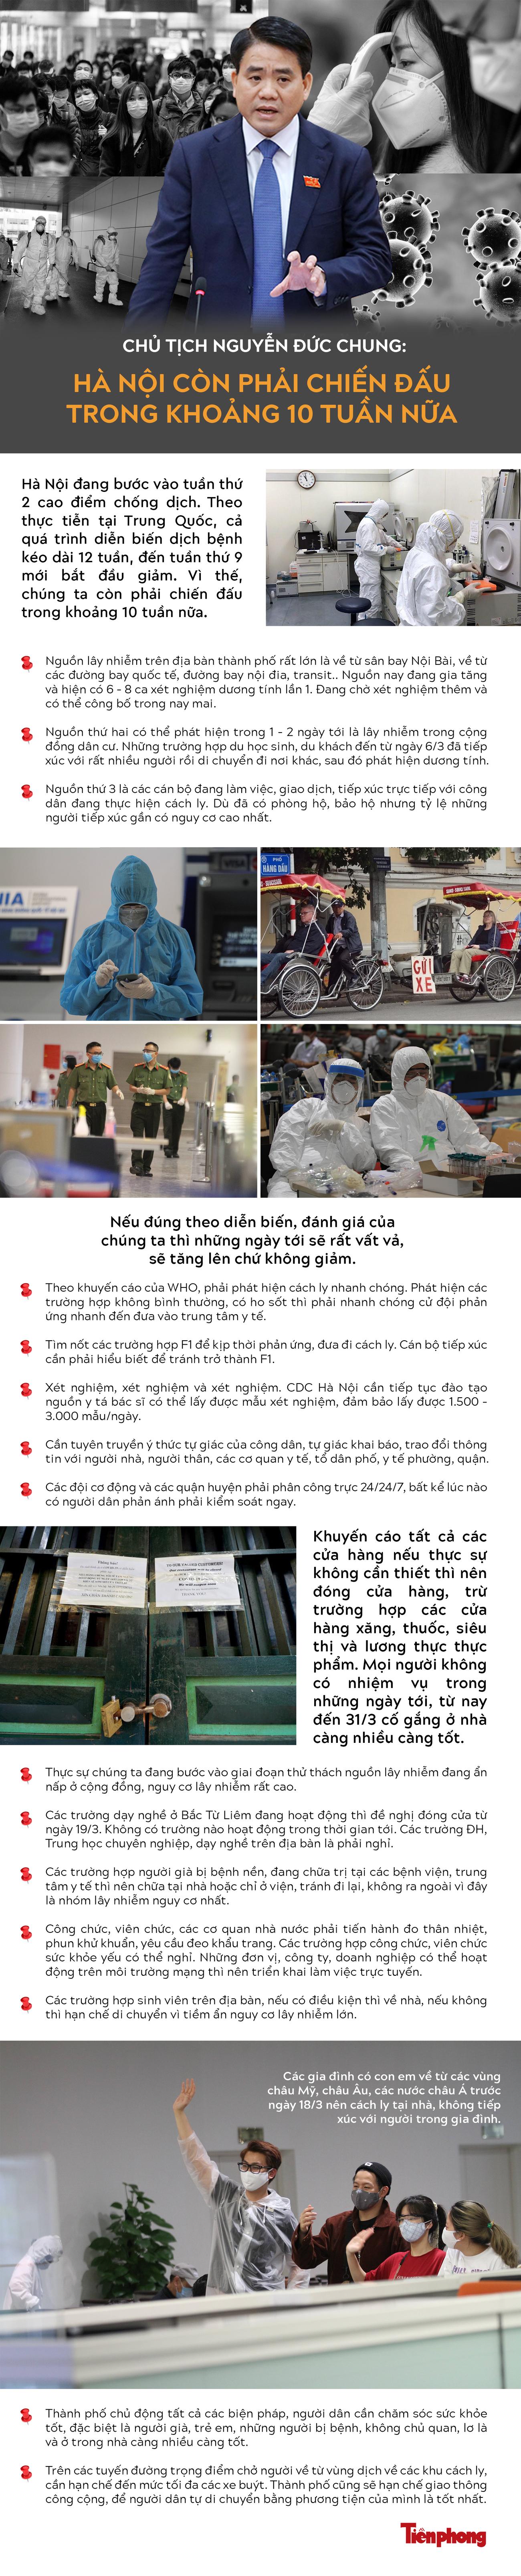 Chủ tịch Nguyễn Đức Chung: Hà Nội còn phải chiến đấu trong khoảng 10 tuần nữa ảnh 1